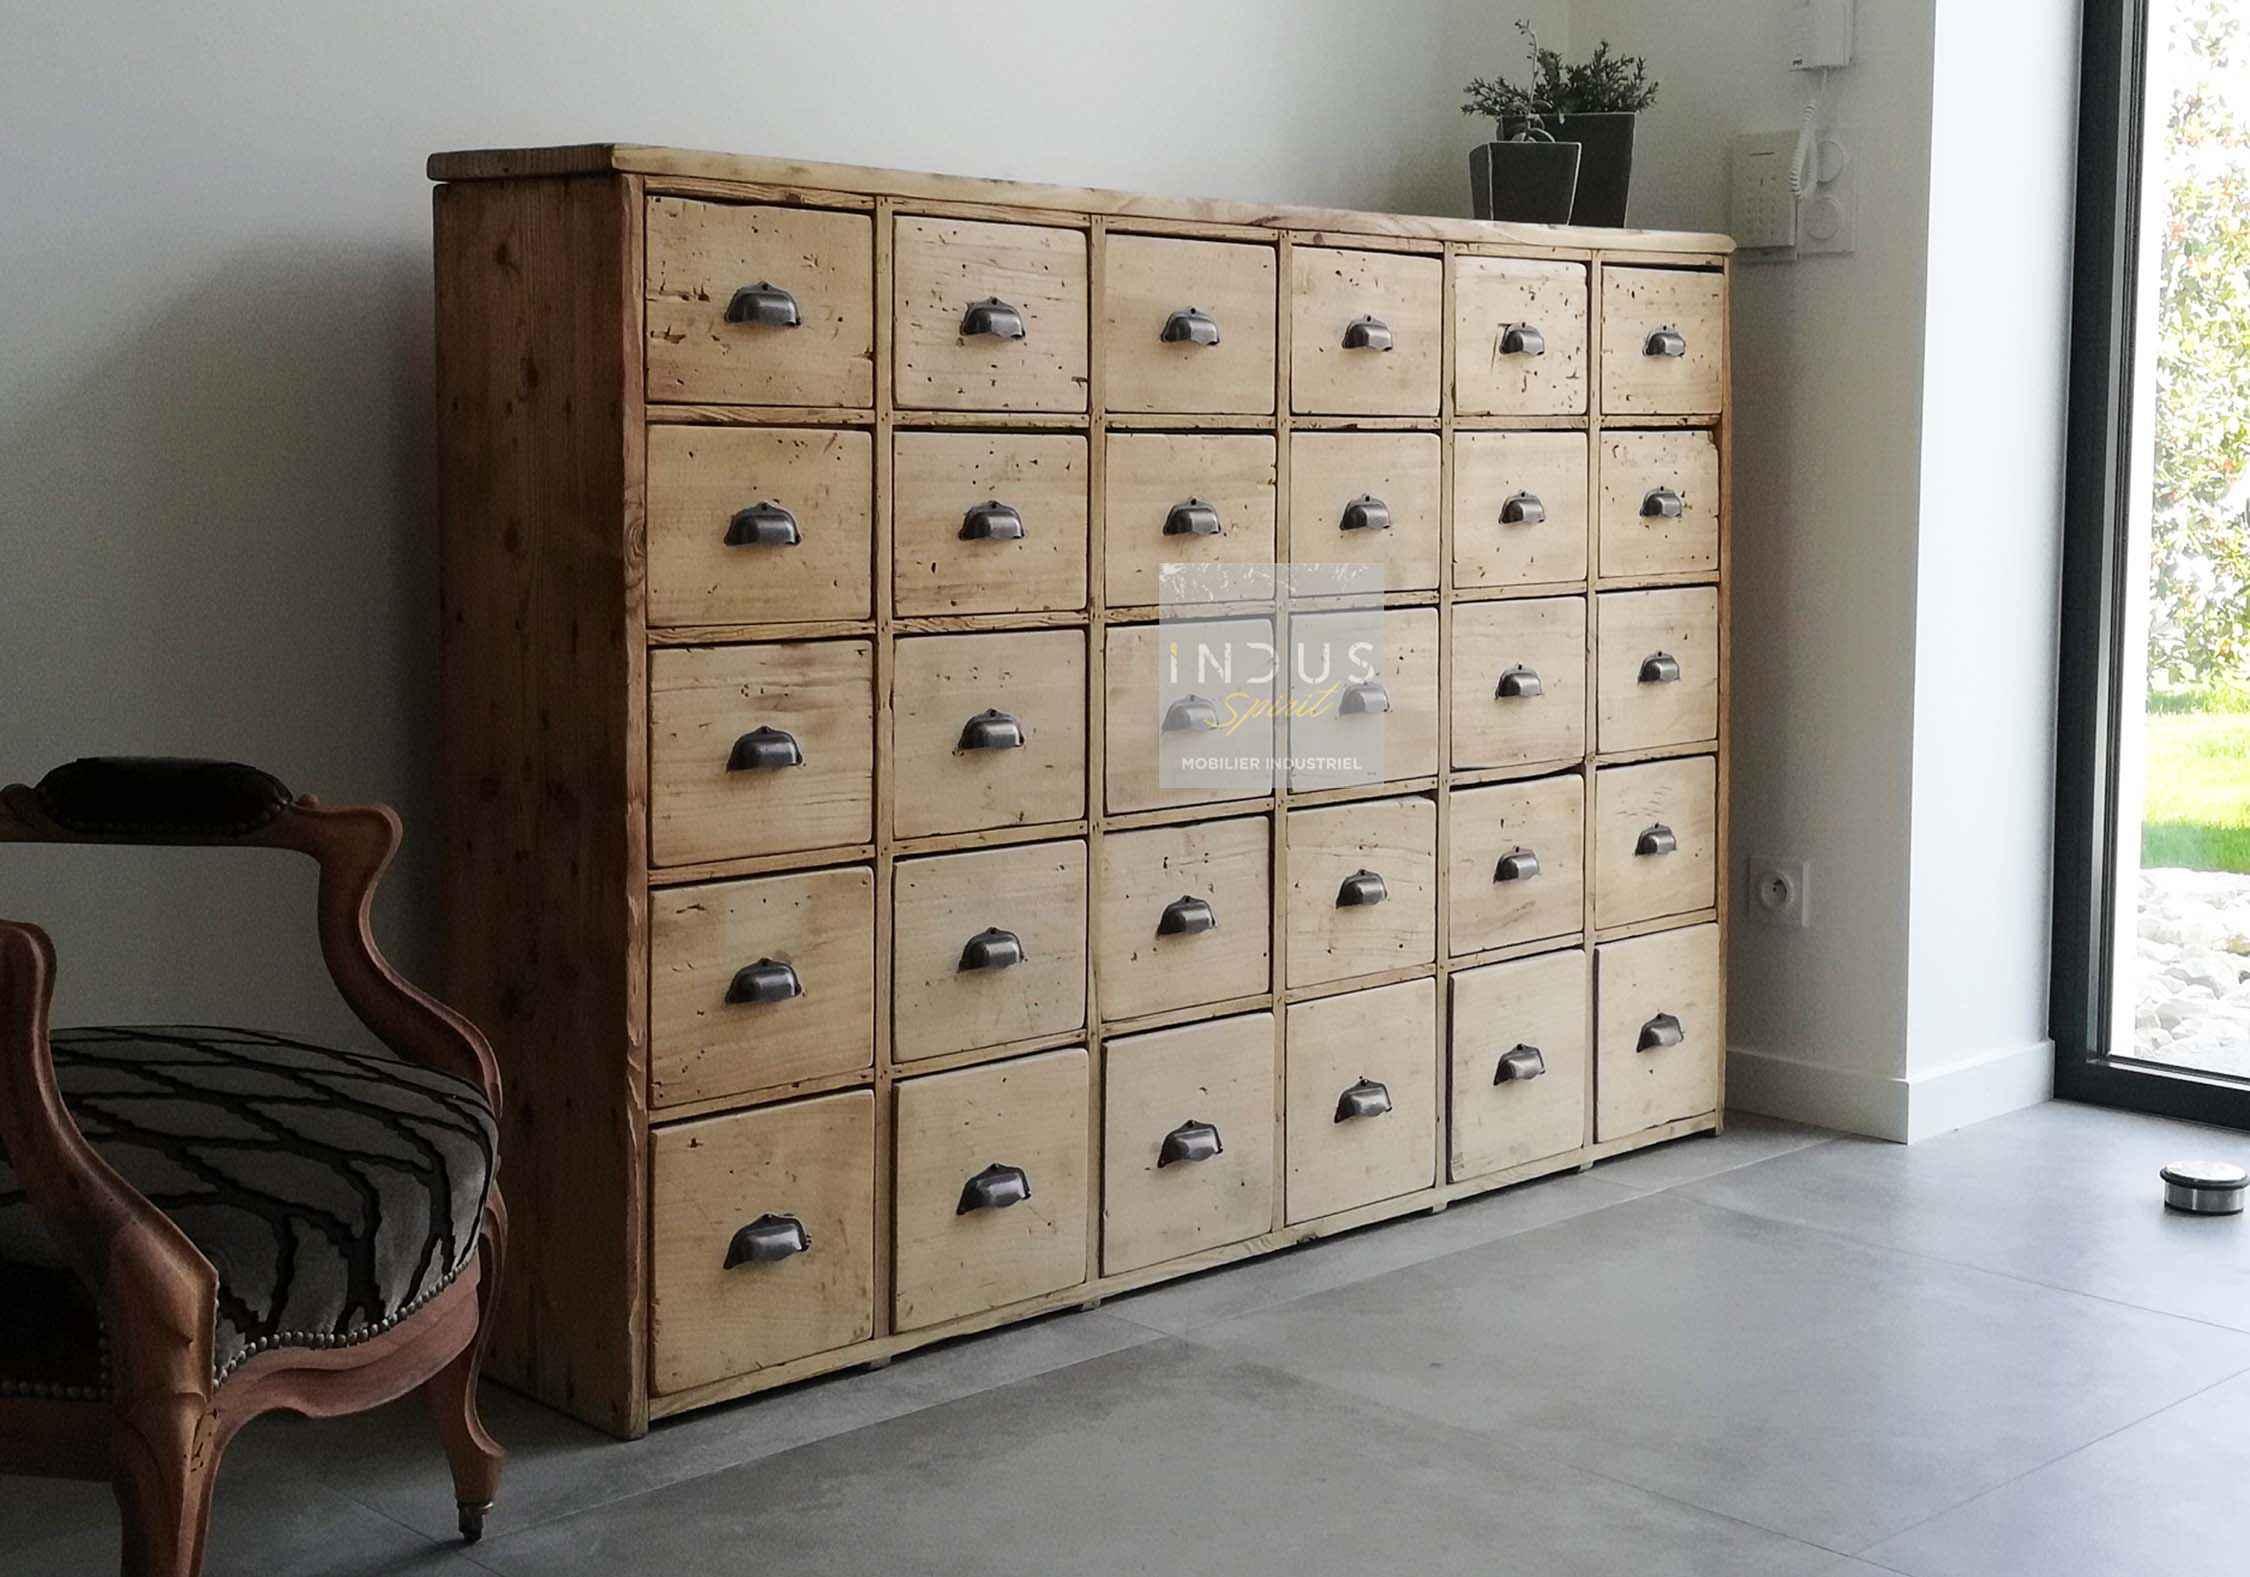 restauration-meuble-de-metier.jpg